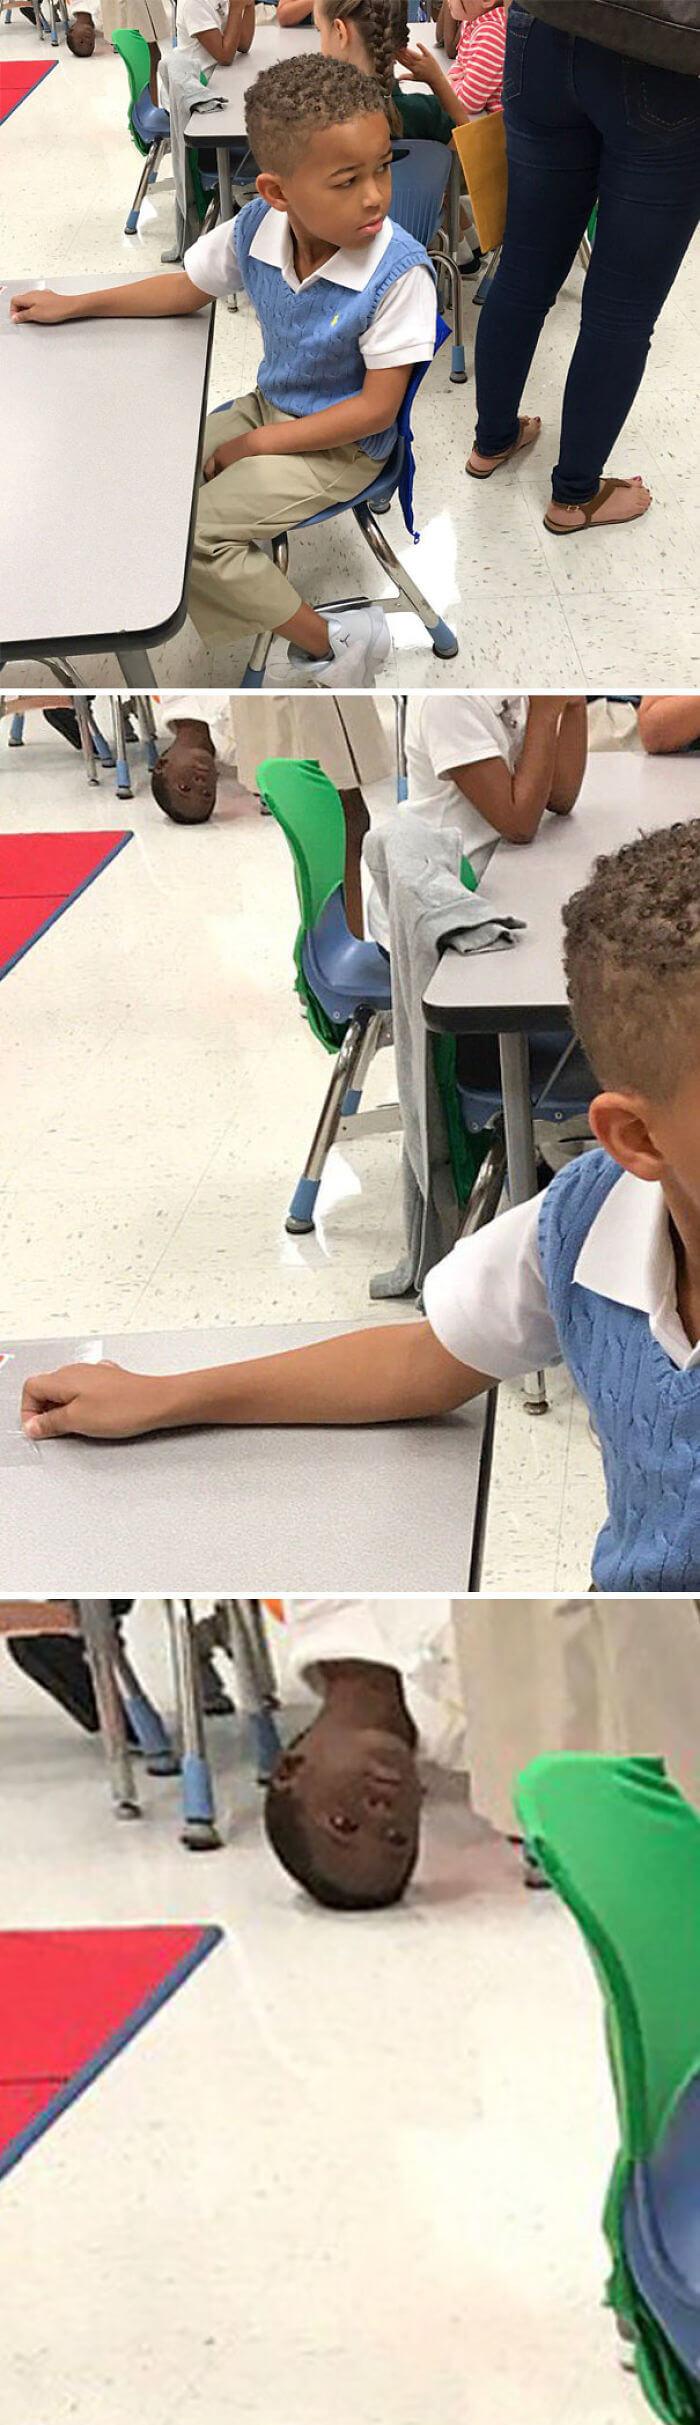 授業中の甥を撮ったんだけど。あの男の子は何やってたんだろ。